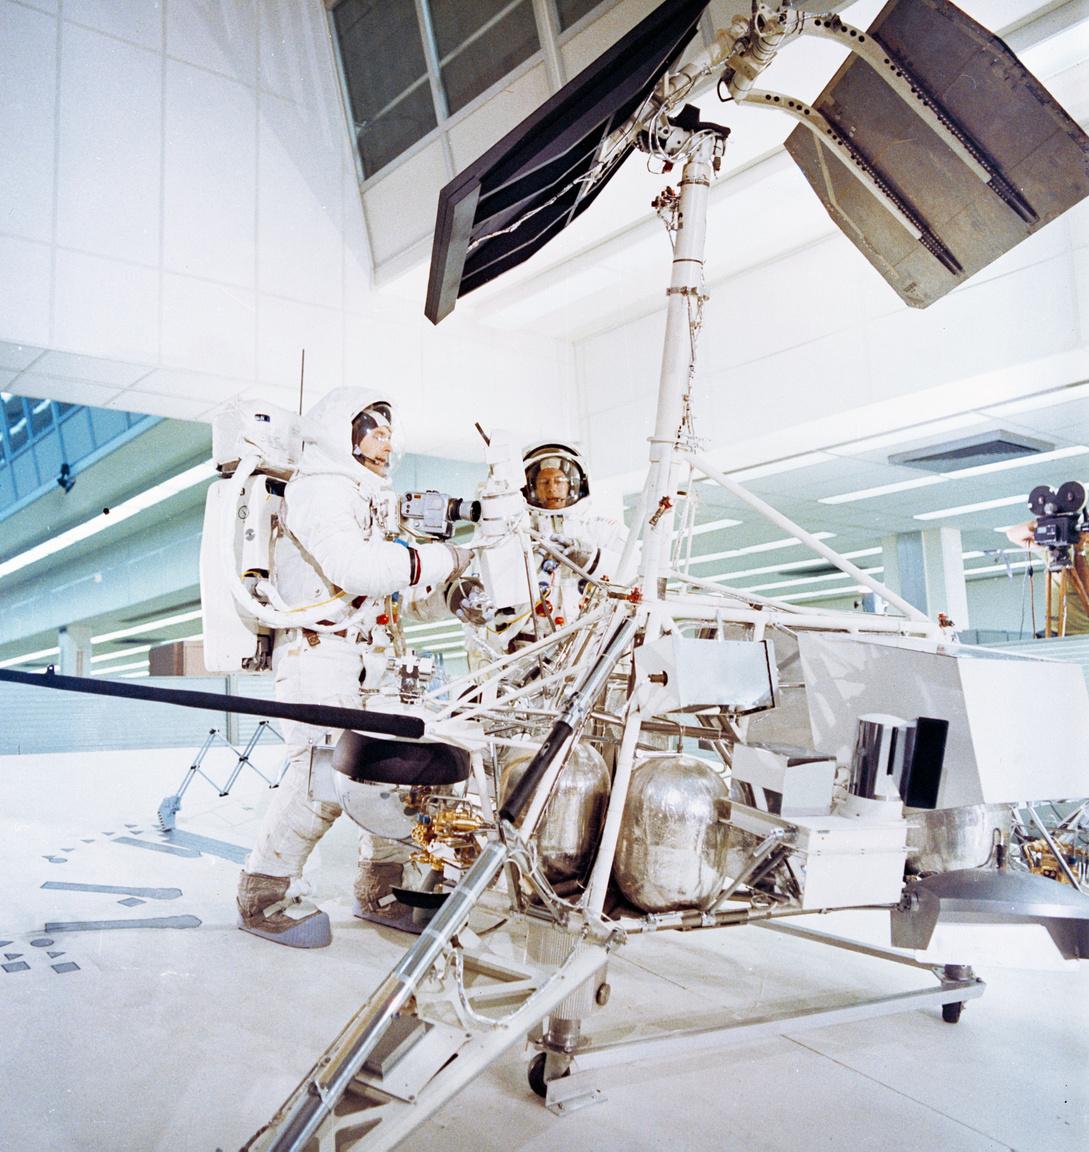 1969. október 6. Conrad (j) és Bean (b) a Surveyor-3 űrszondával kapcsolatos feladatokat gyakorolják a Kennedy Űrközpont űrhajóskiképző épületében.